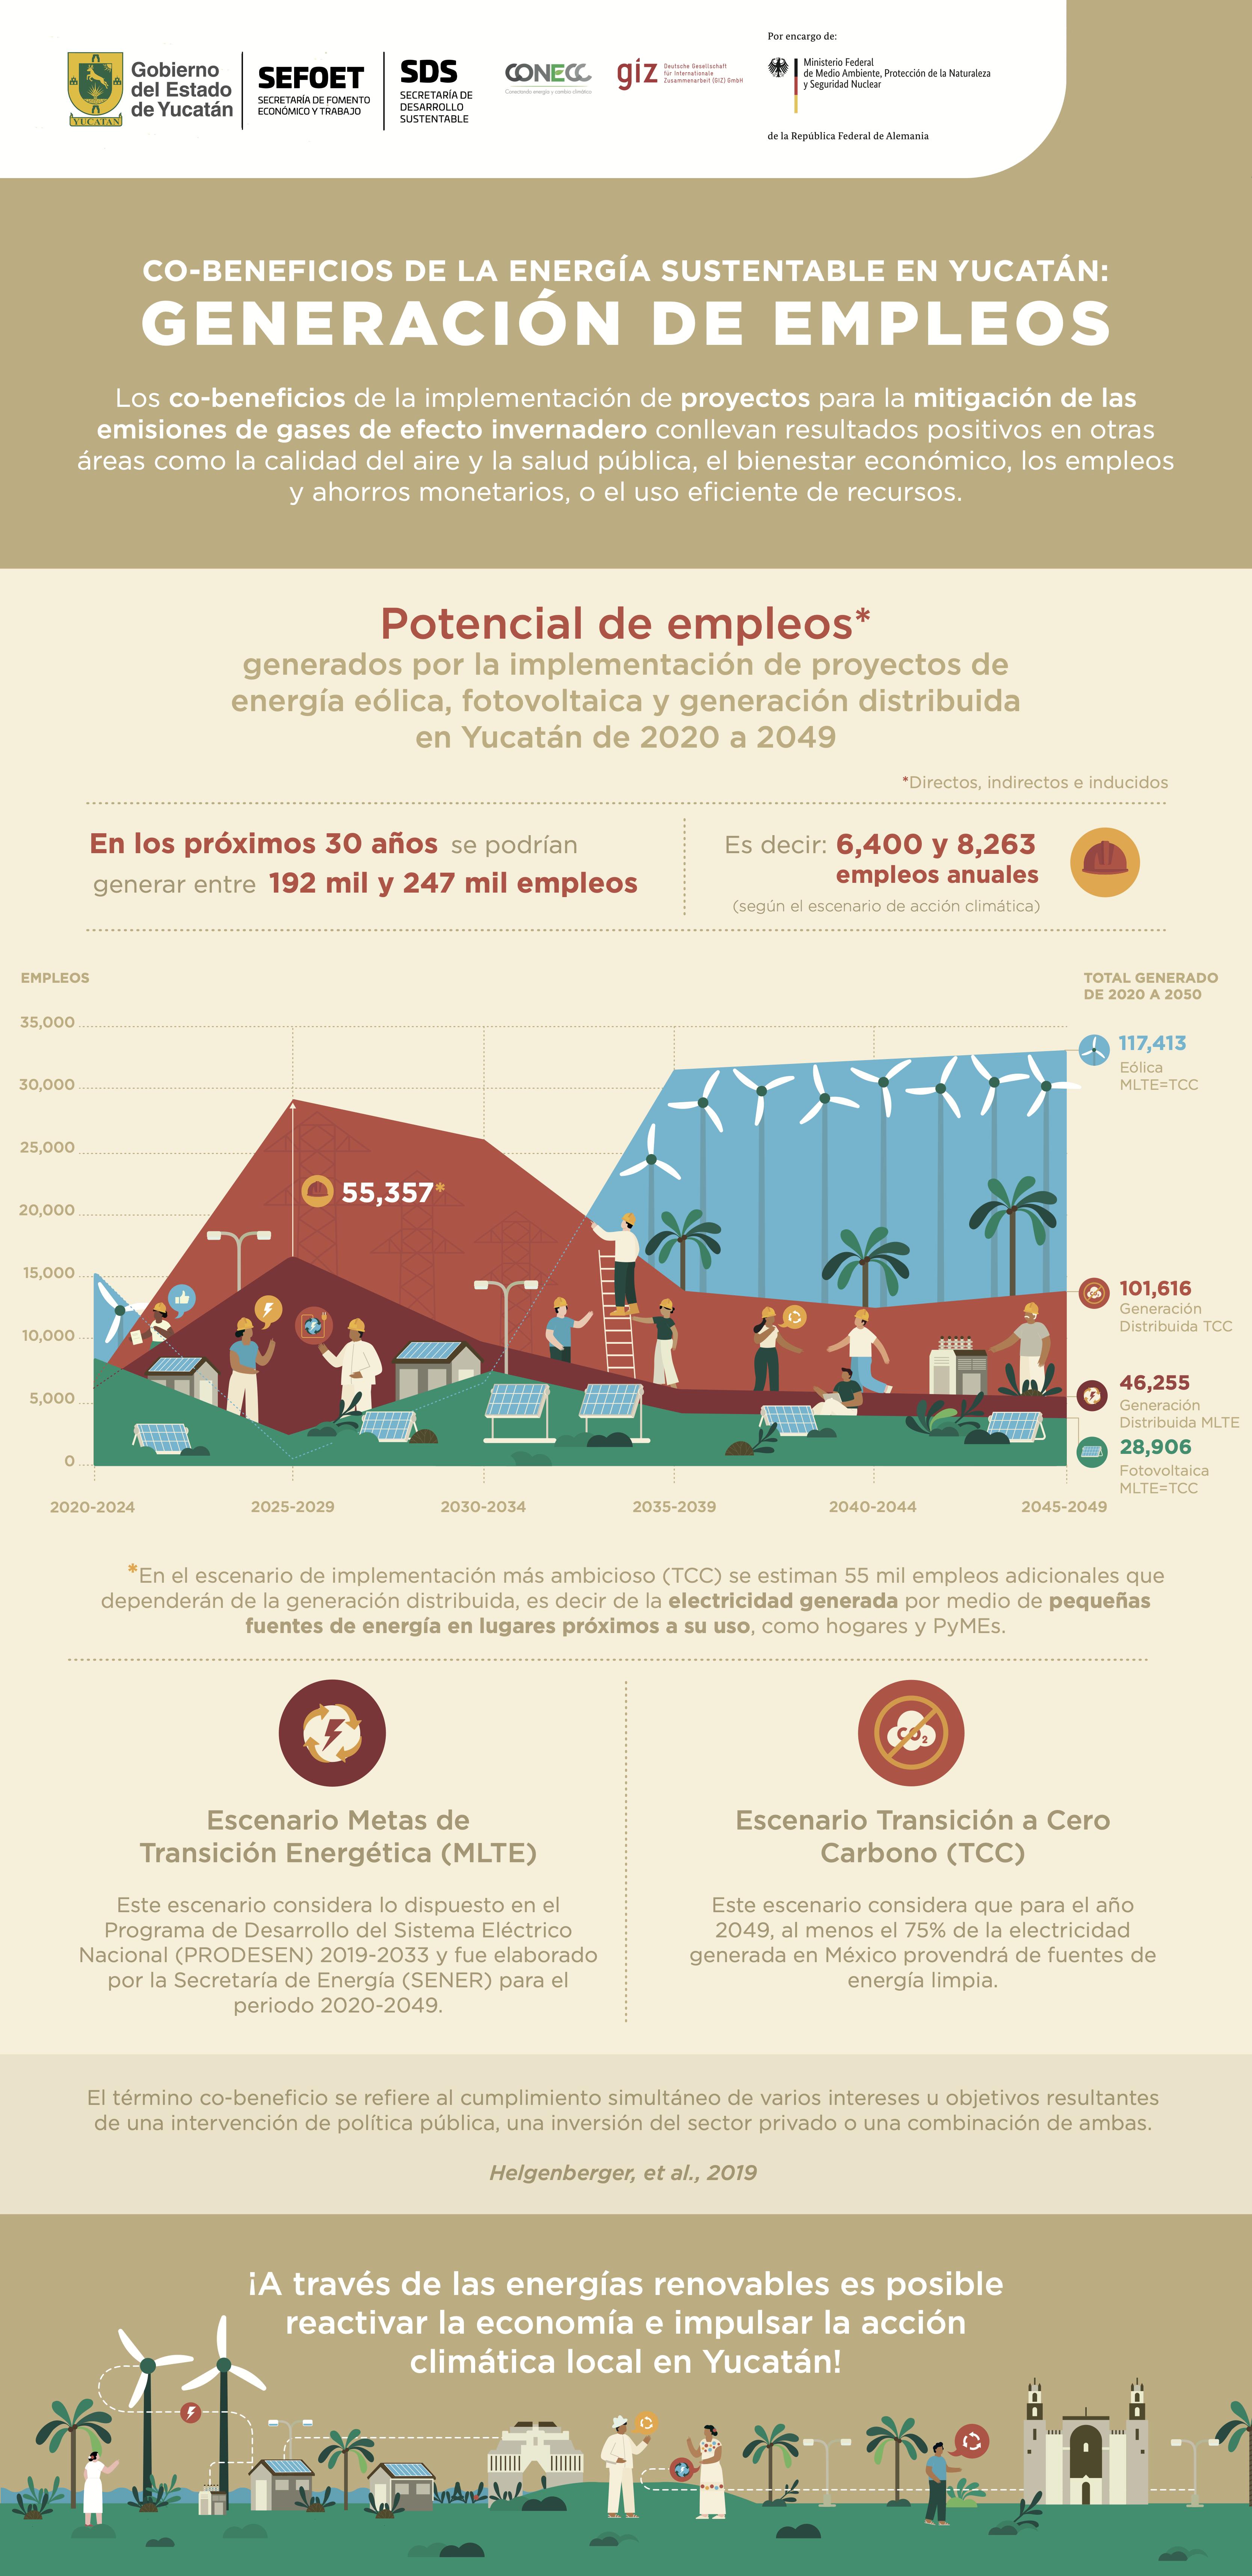 POTENCIAL DE EMPLEOS GENERADOS POR LA IMPLEMENTACIÓN DE PROYECTOS DE ENERGÍA EÓLICA, FOTOVOLTAICA Y GENERACIÓN DISTRIBUIDA EN EL ESTADO DE YUCATÁN ENTRE 2020-2049.